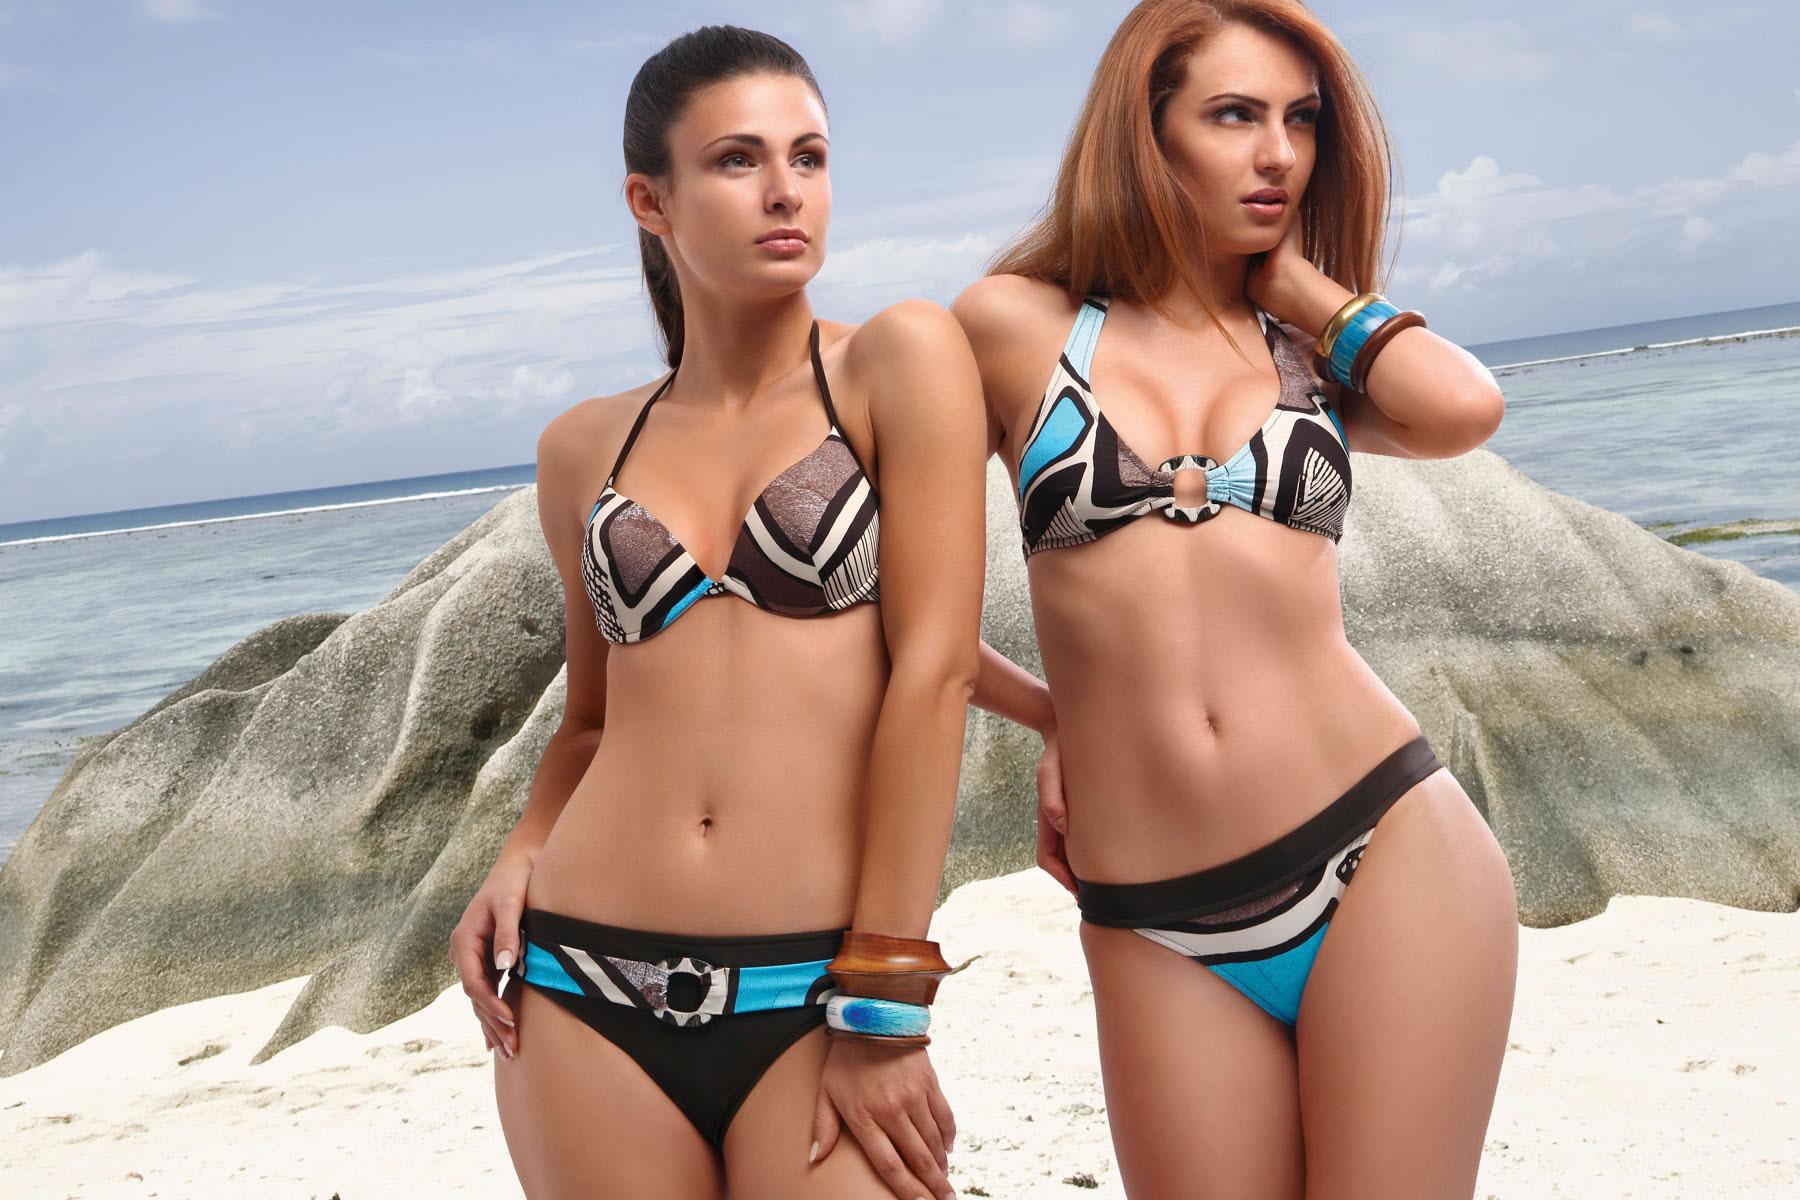 Фото в одних плавках девушек и без 4 фотография